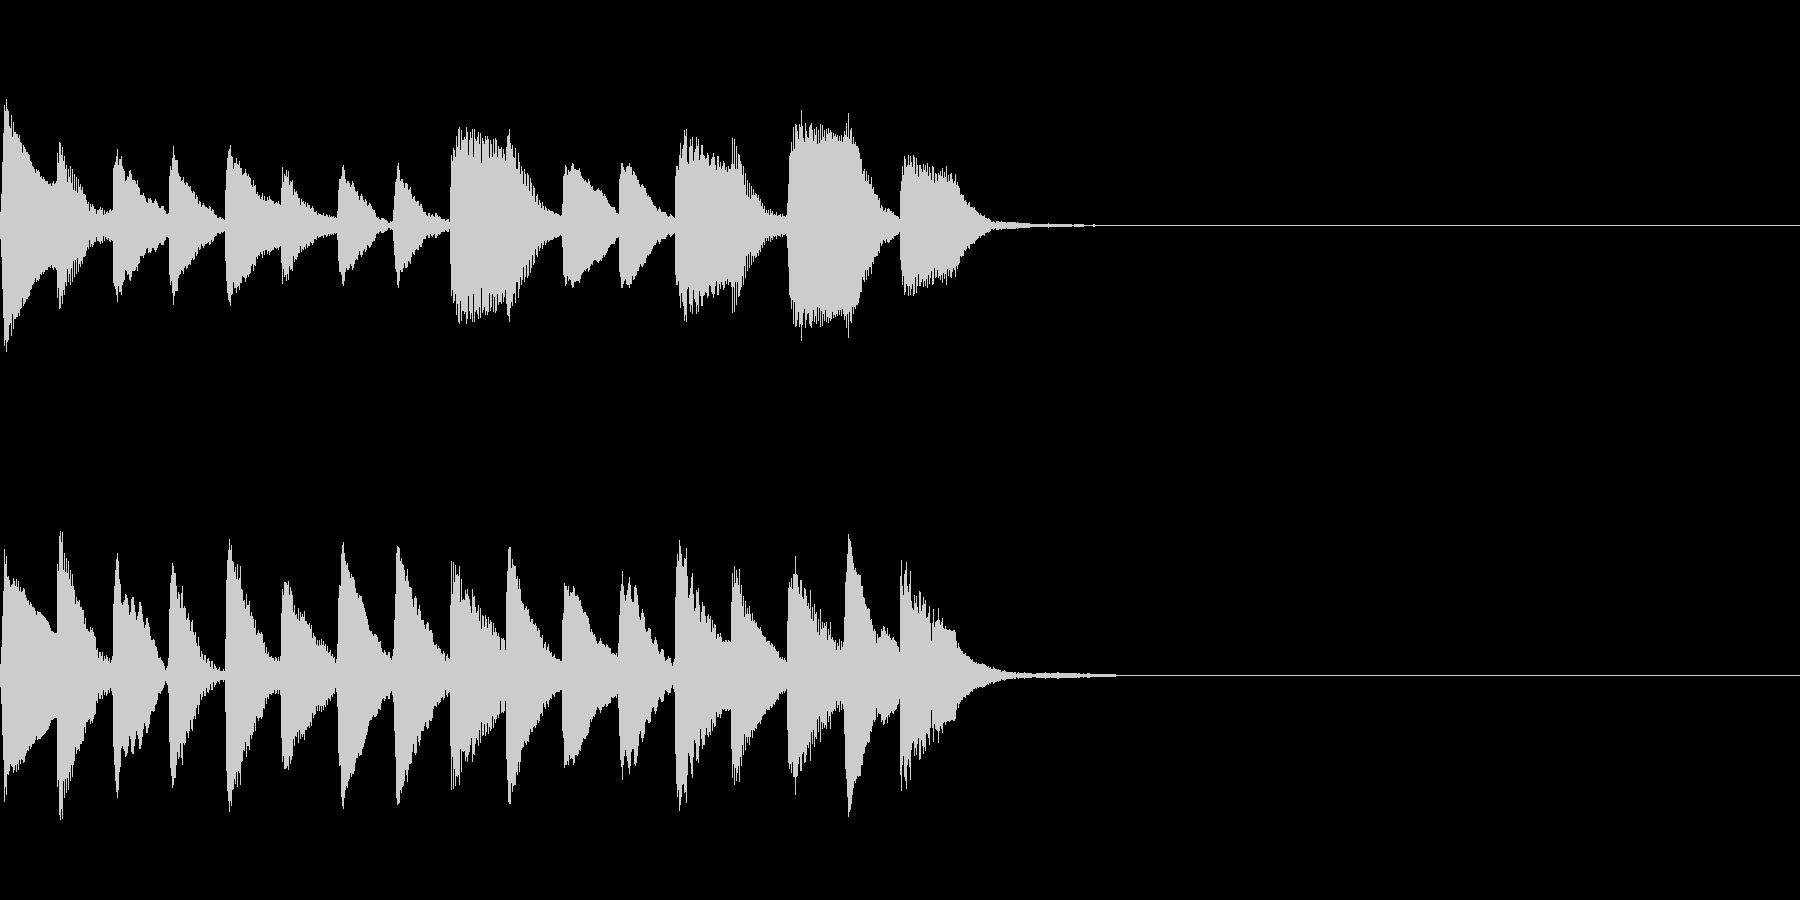 入店音~ヴィブラフォン~の未再生の波形